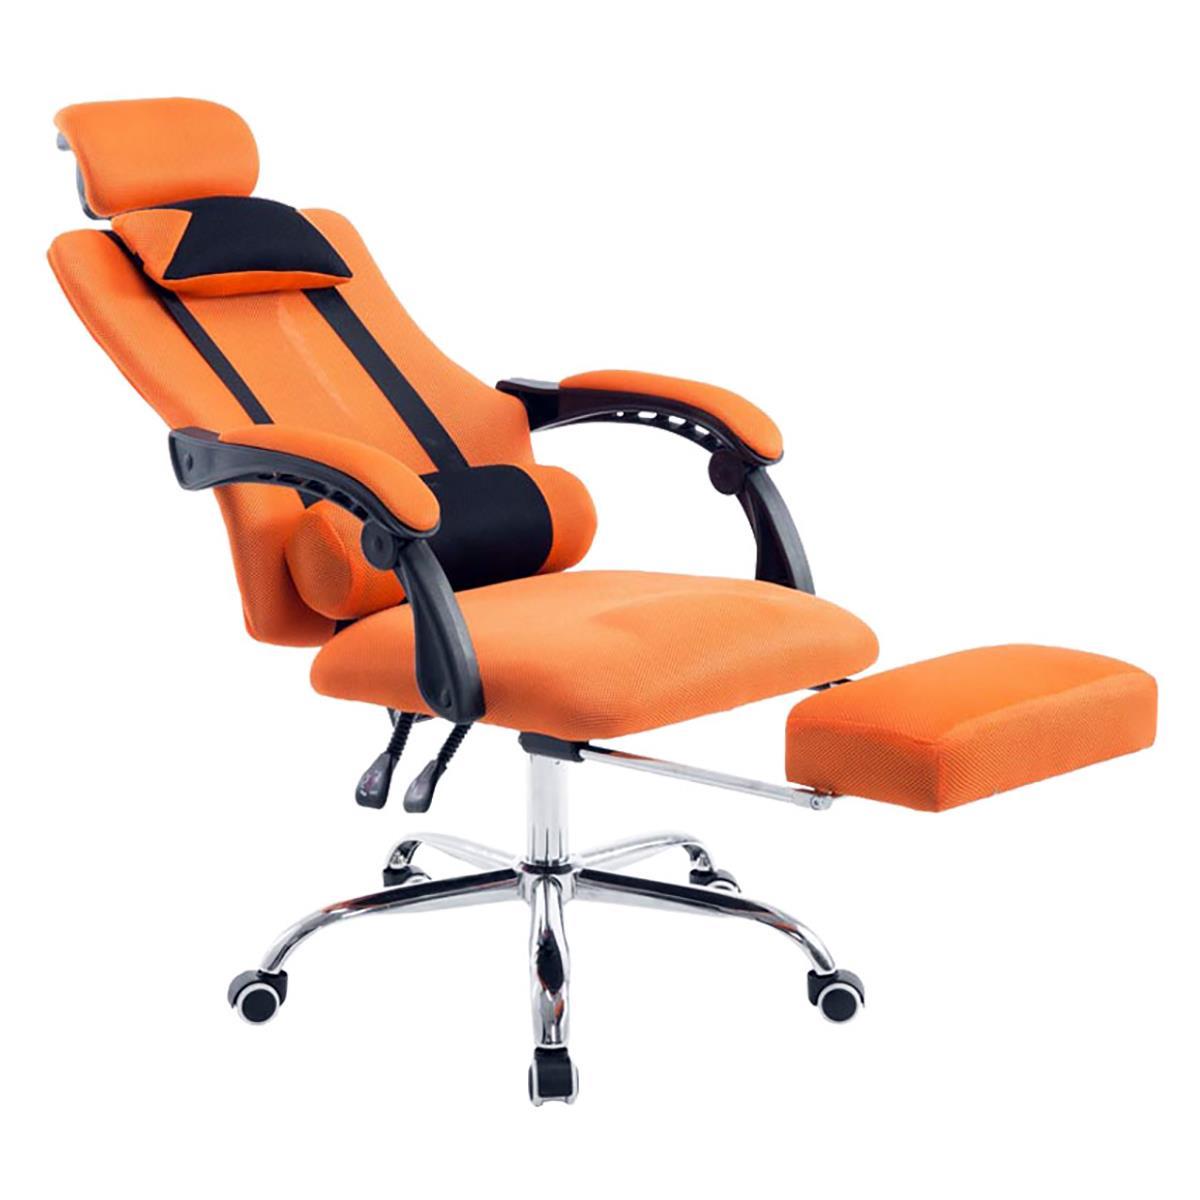 De Gaming AntaresReclinableReposapiés Color Transpirable Naranja ExtensibleEn Silla Malla Oficina rBeCodx